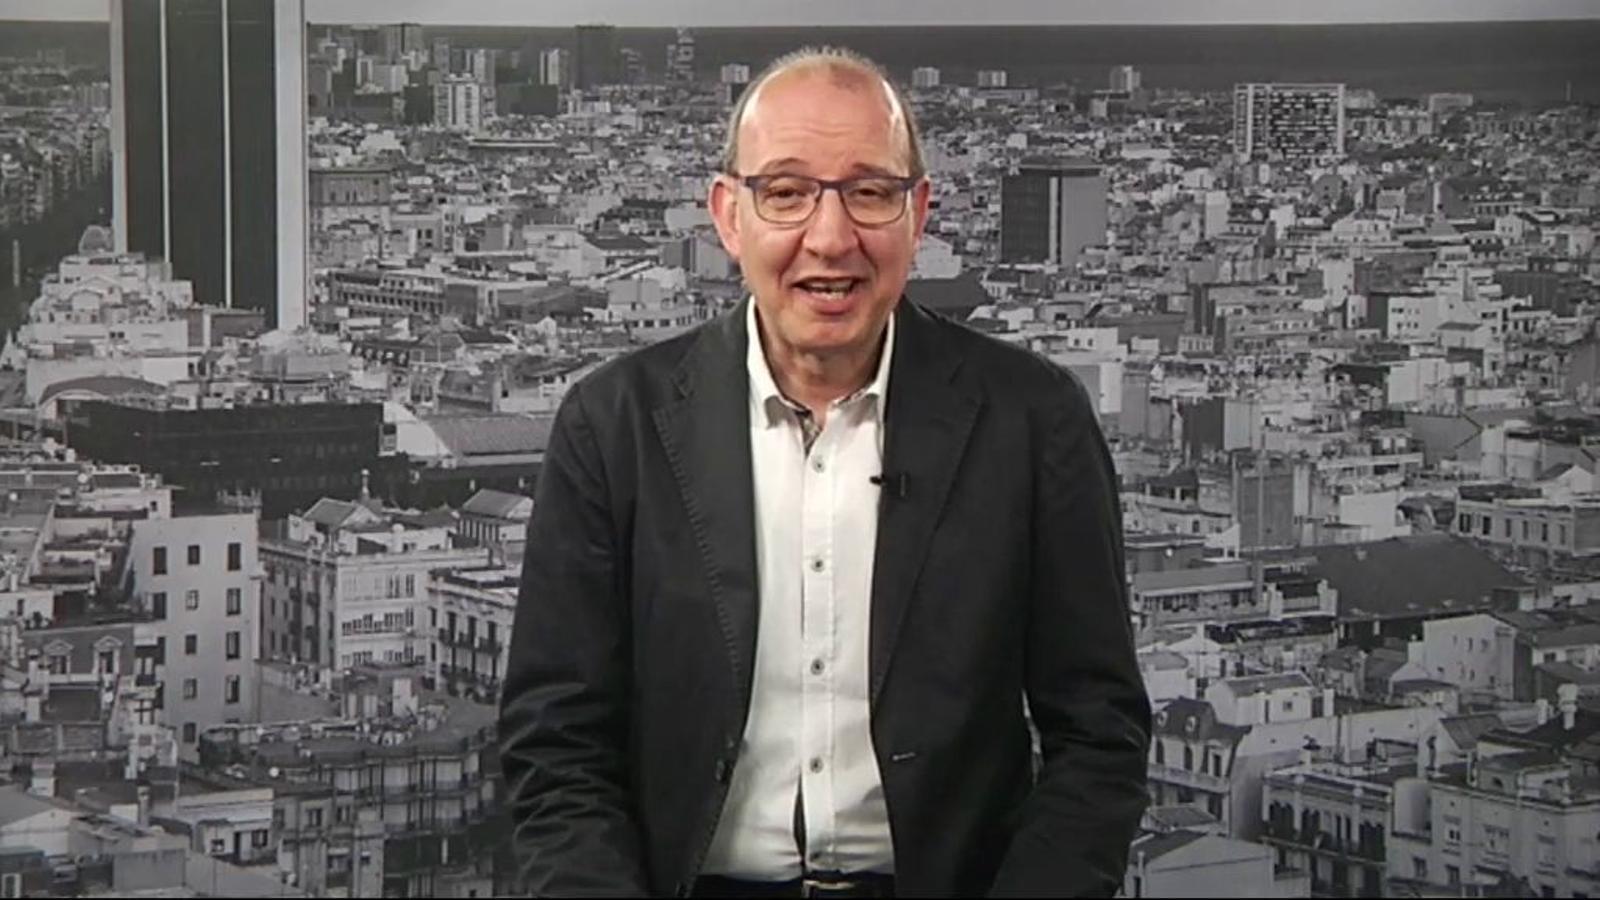 L'editorial d'Antoni Bassas: Més enllà del Barça i del futbol (05/06/2015)